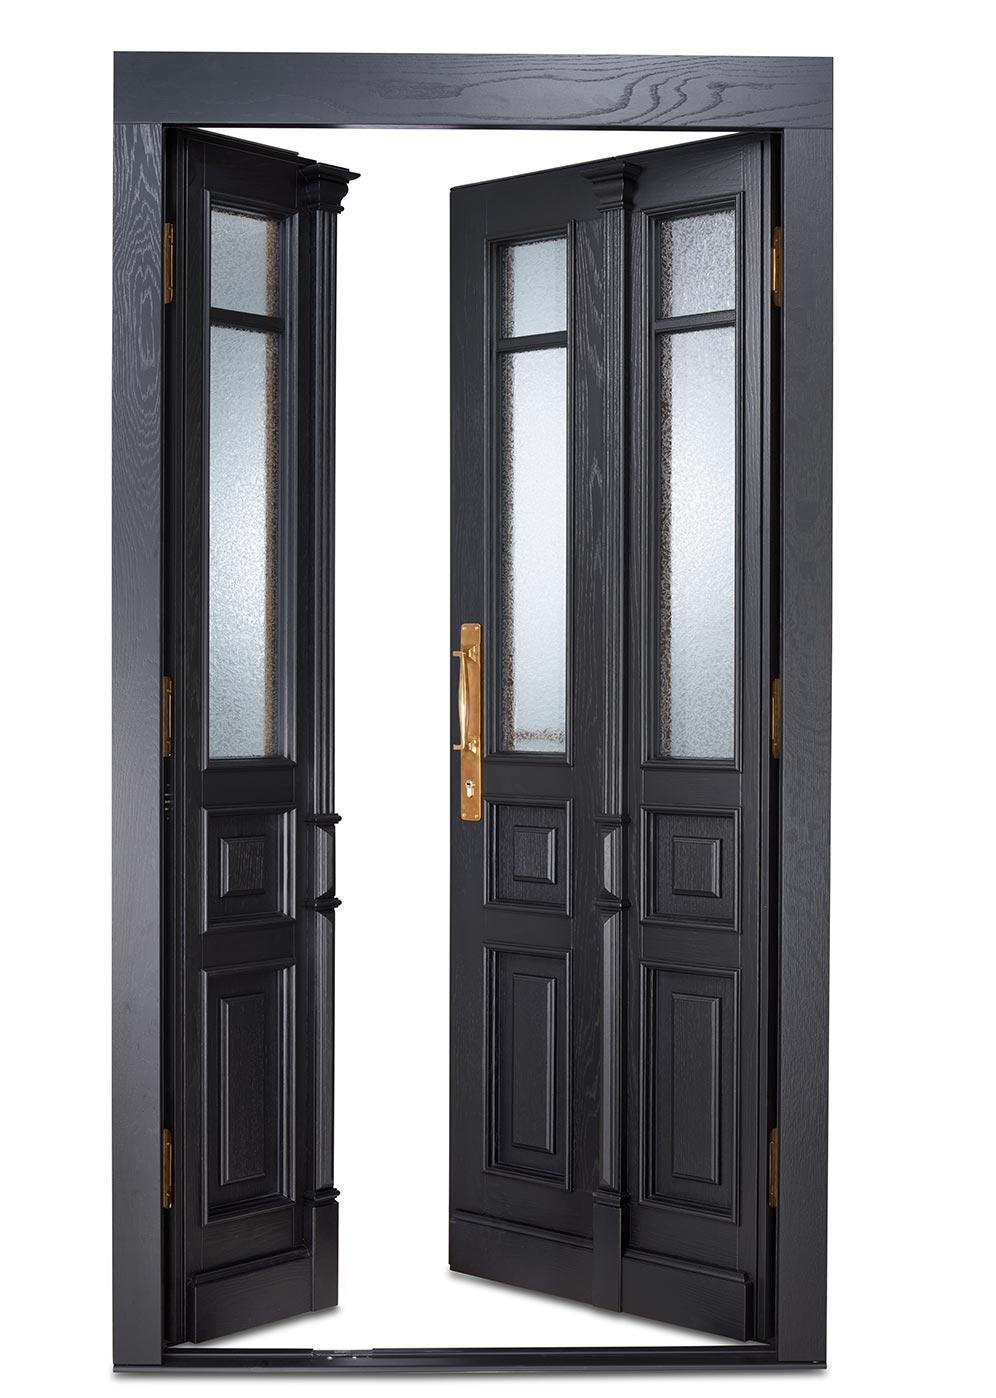 Historische Tür in schwarz, mit Schnitzerei. Westerwald Haustüren